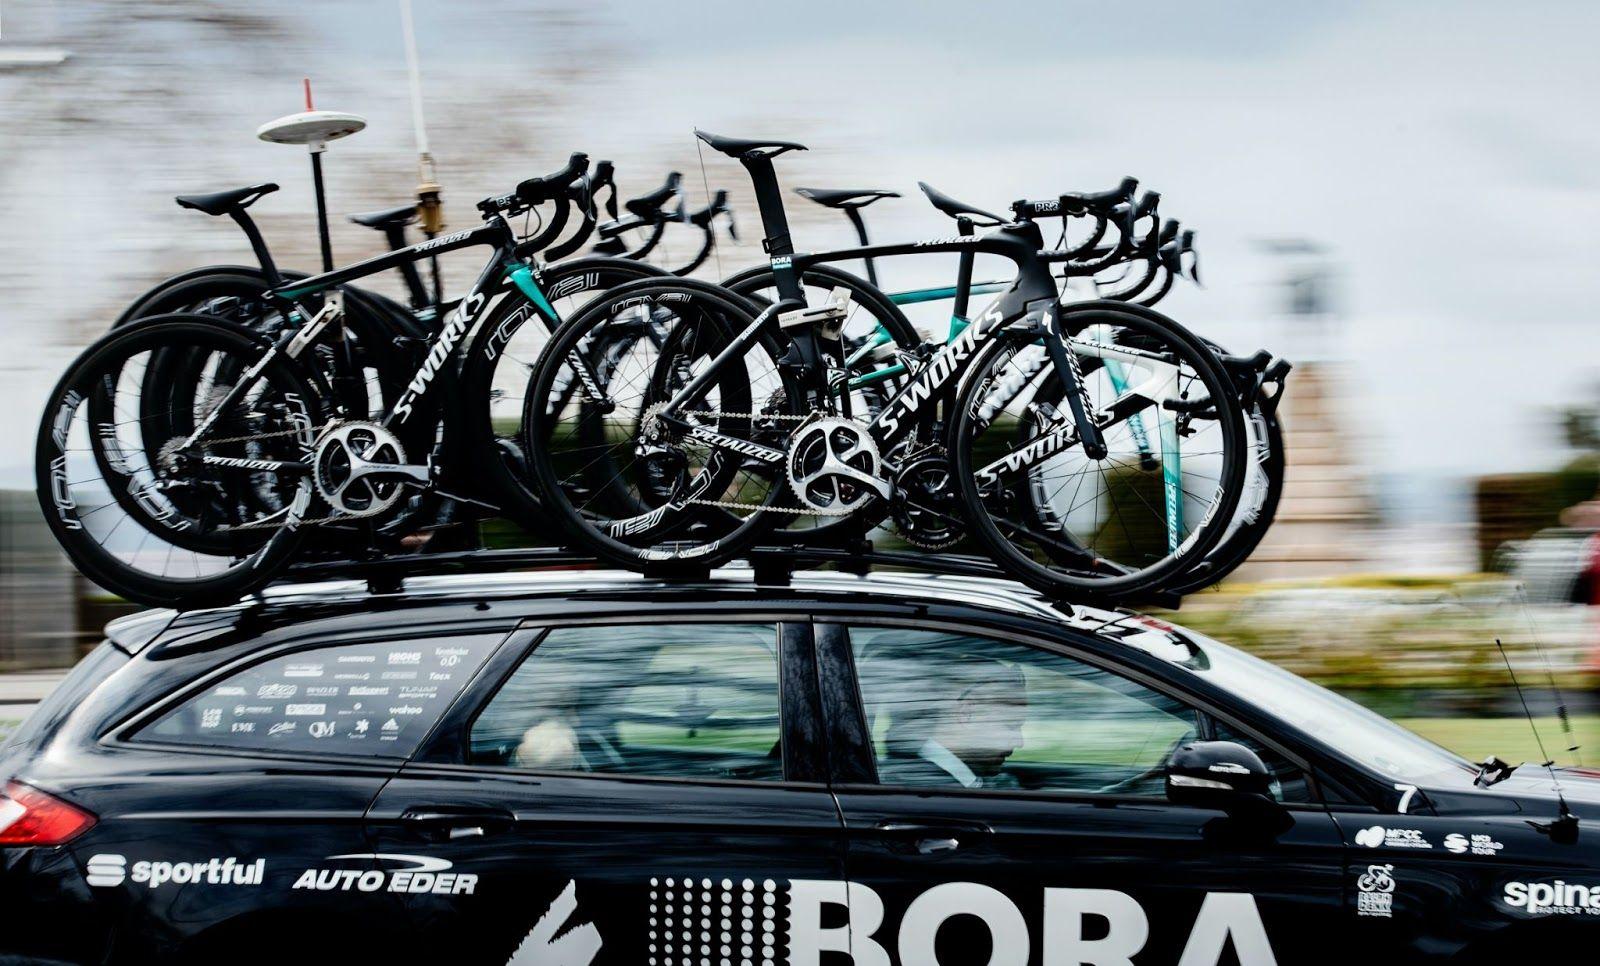 Het fietsendiefstal probleem van de Tour de France